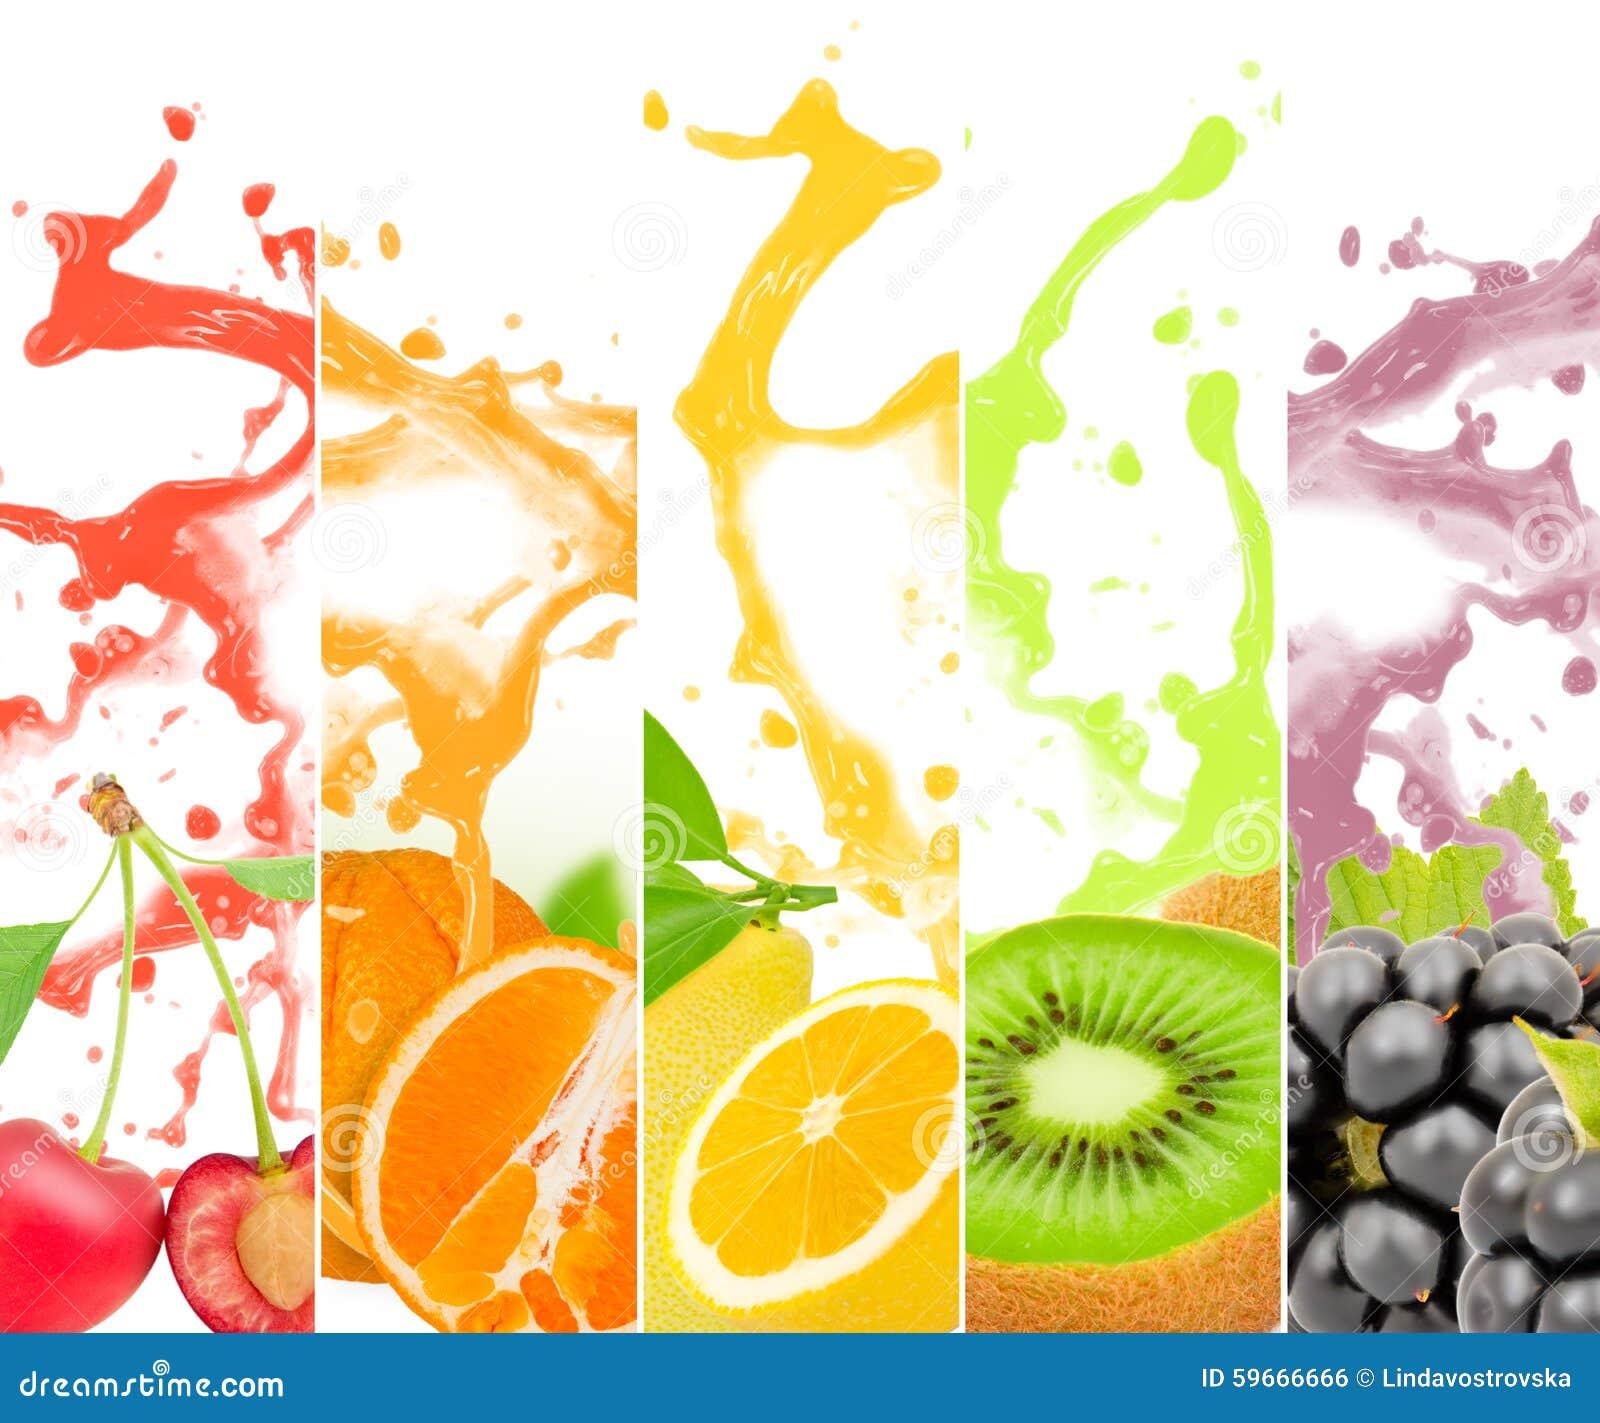 fruit splash stock photo image of juice lemon clear